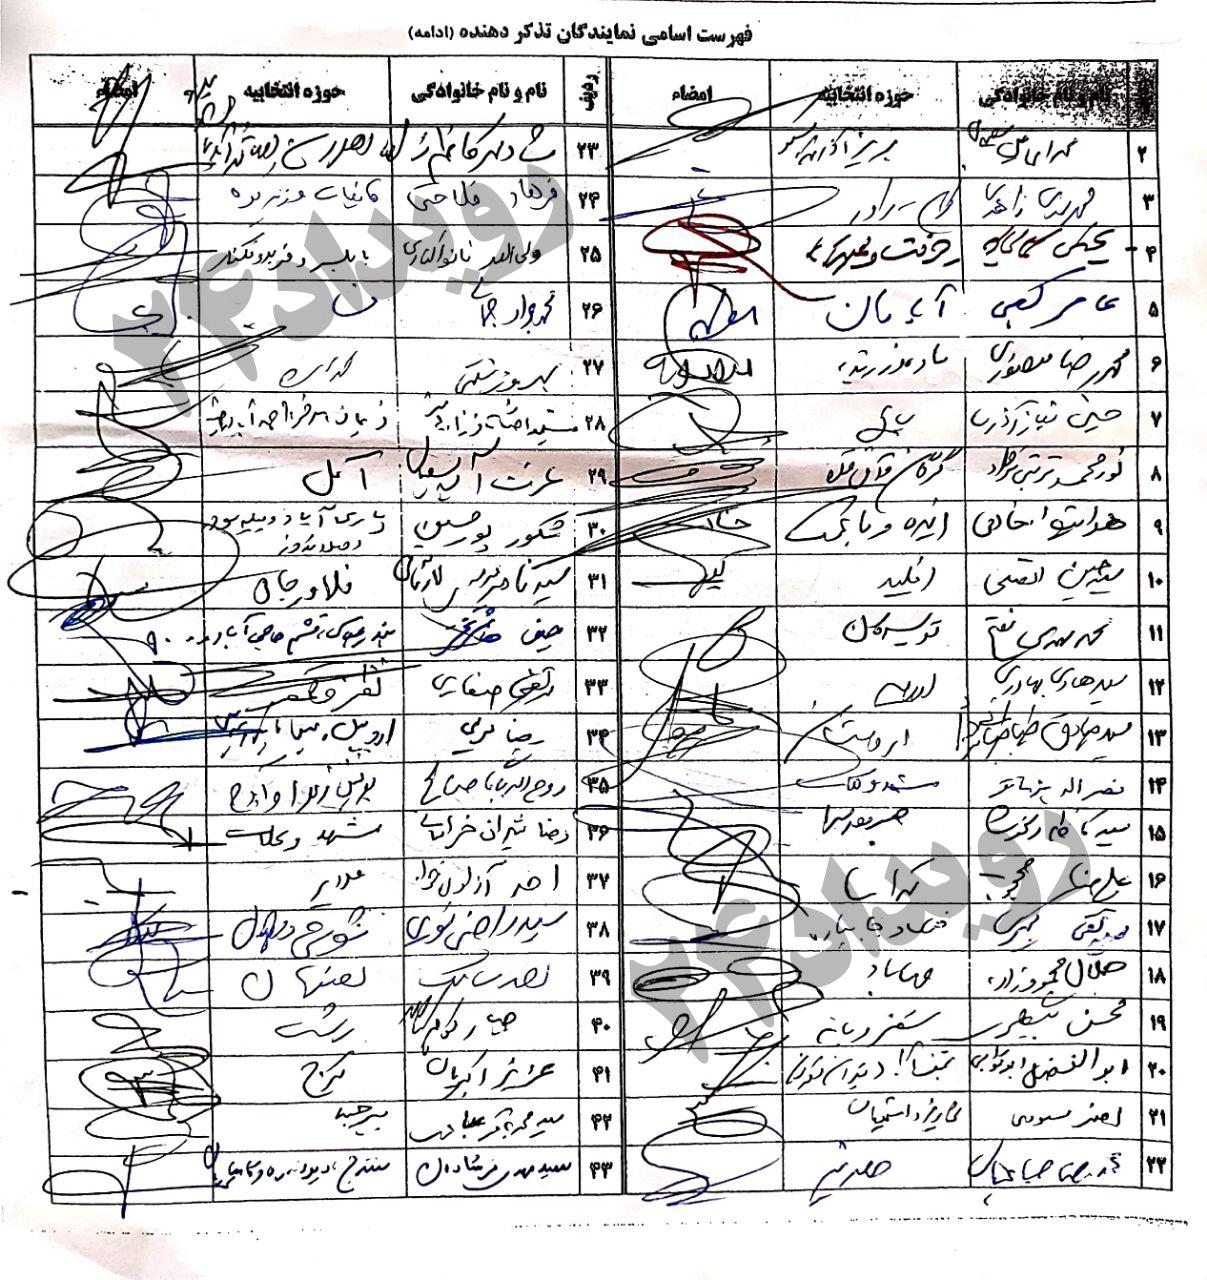 تلاش برای برکناری پوری حسینی/ مجلس به رئیس جمهور تذکر داد +اسناد